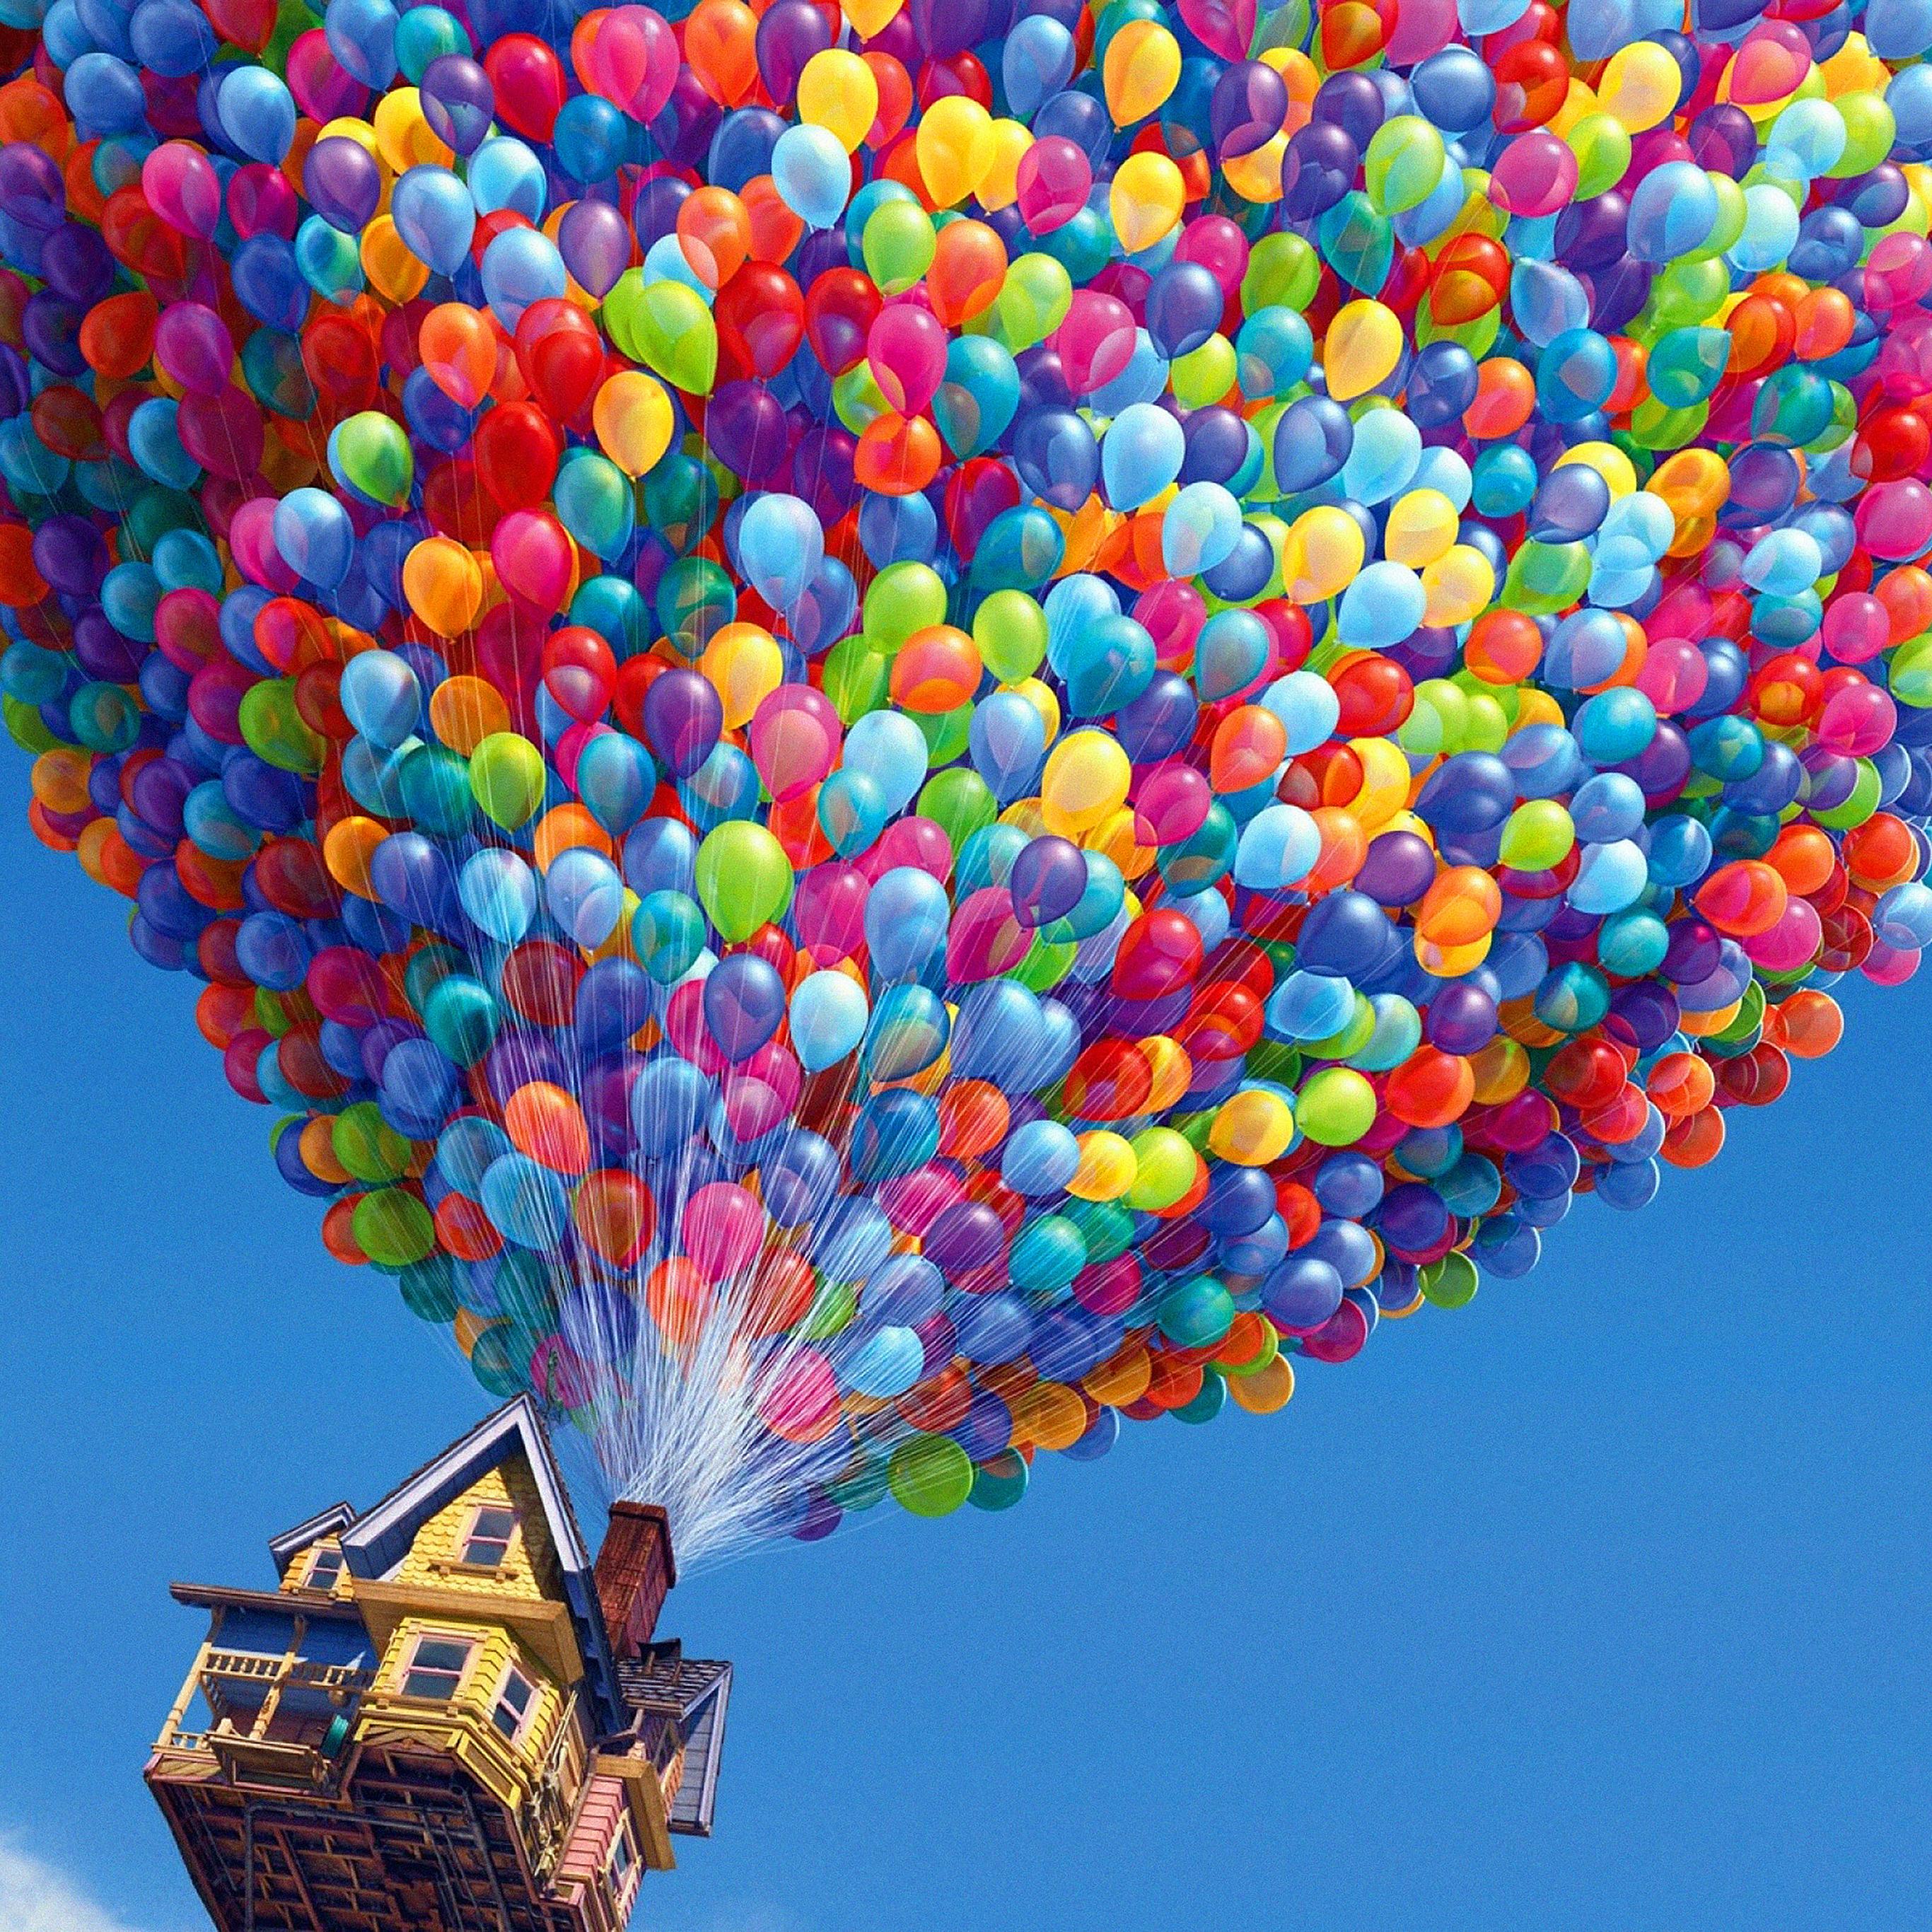 Aa28 Up Balloons Disney Illust Art